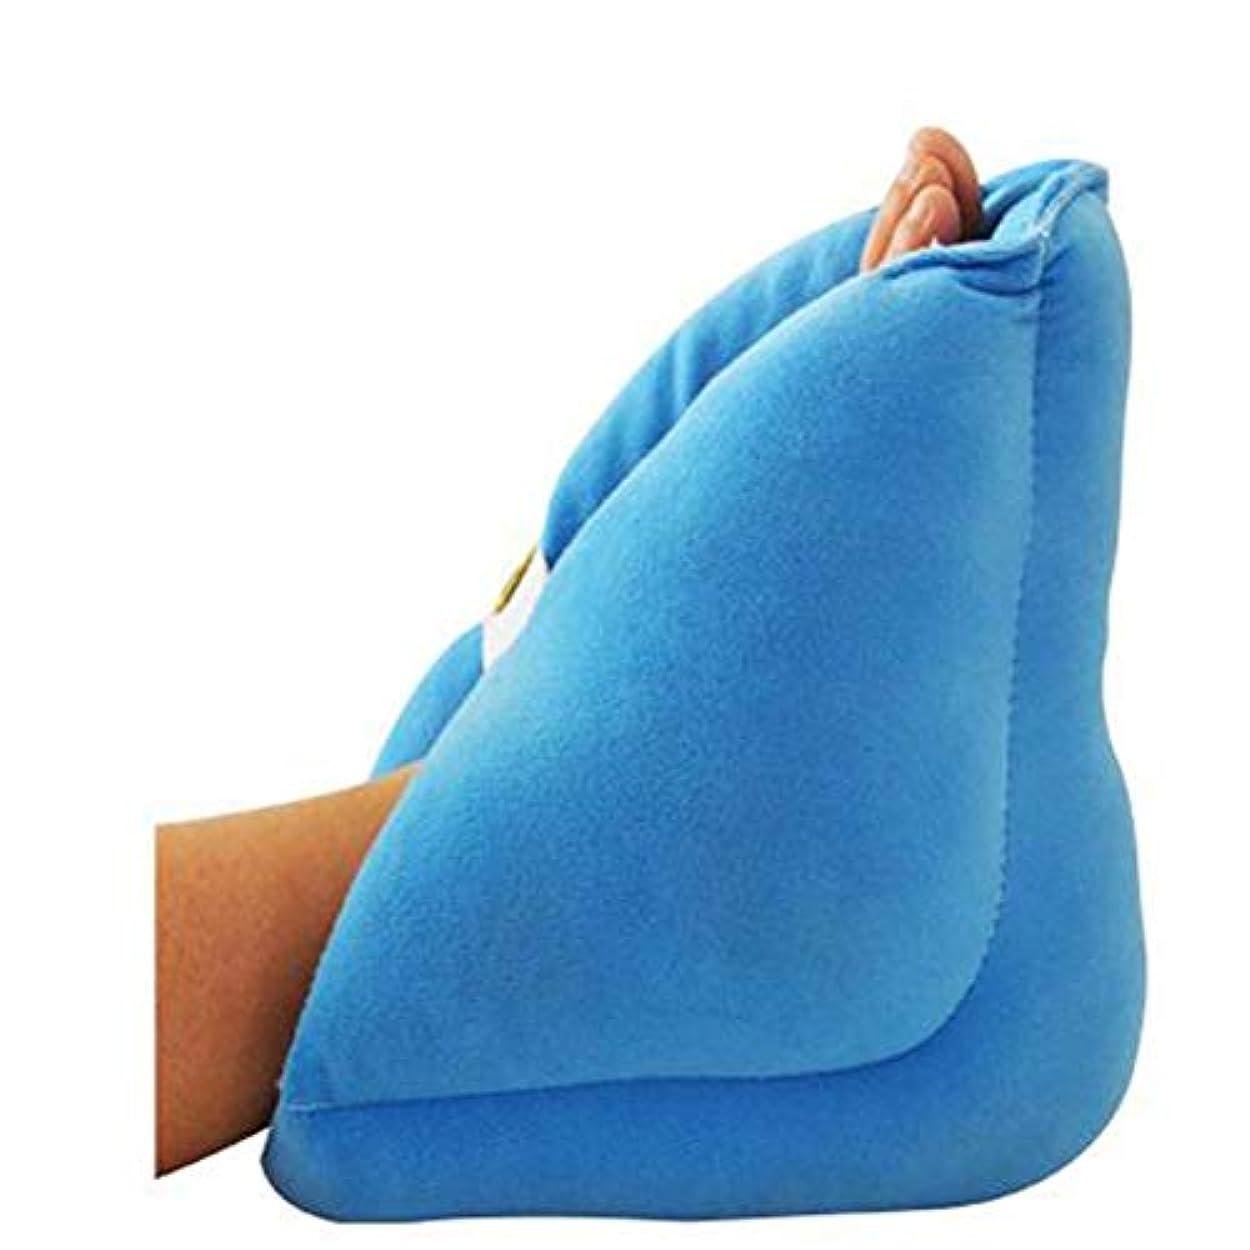 ショップ食欲誇張するかかとプロテクター枕抗褥瘡??踵保護パッド、抗褥瘡踵パッド寝たきり患者ケア肥厚